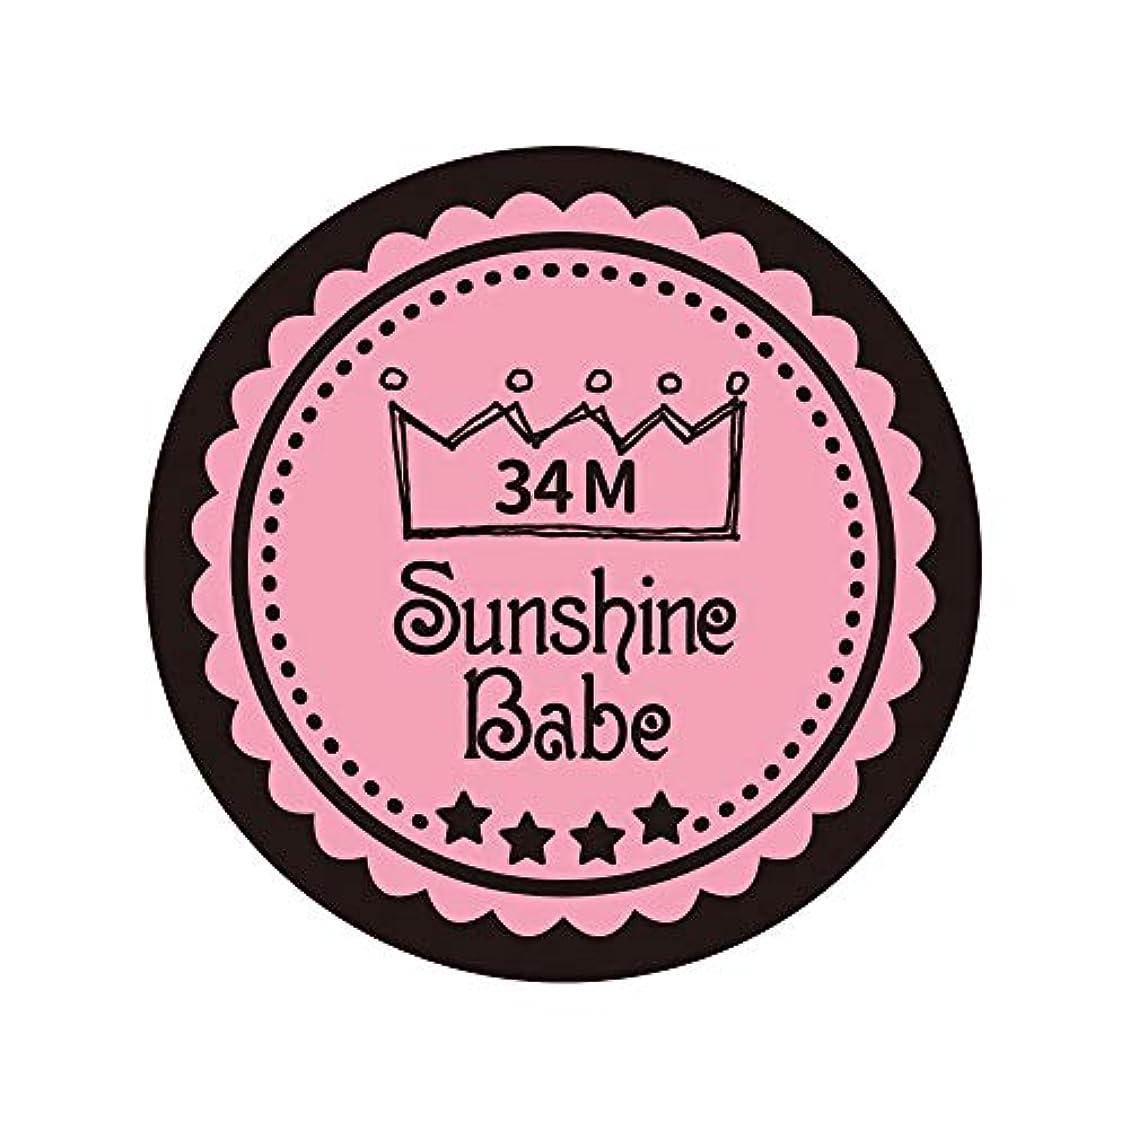 結果ブラウン検出器Sunshine Babe カラージェル 34M メロウローズ 2.7g UV/LED対応